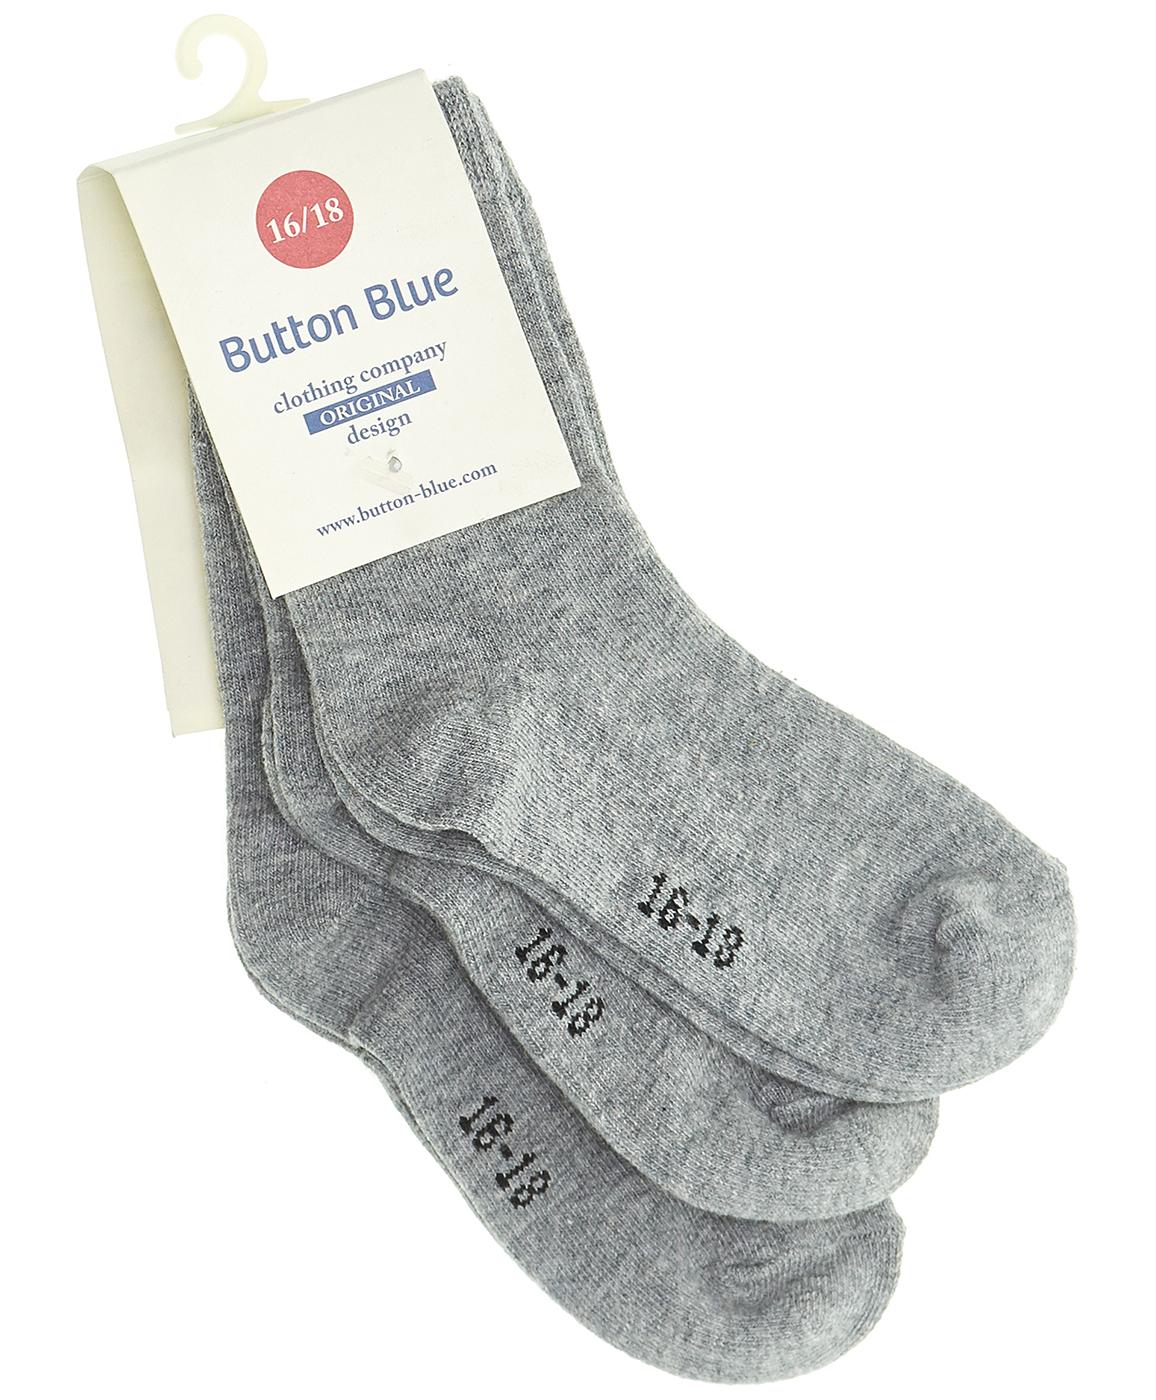 Купить 218BBGU85011900, Комплект из 3 пар носков Button Blue, серый, 14-16, Женский, ОСЕНЬ/ЗИМА 2018-2019 (shop: GulliverMarket Gulliver Market)